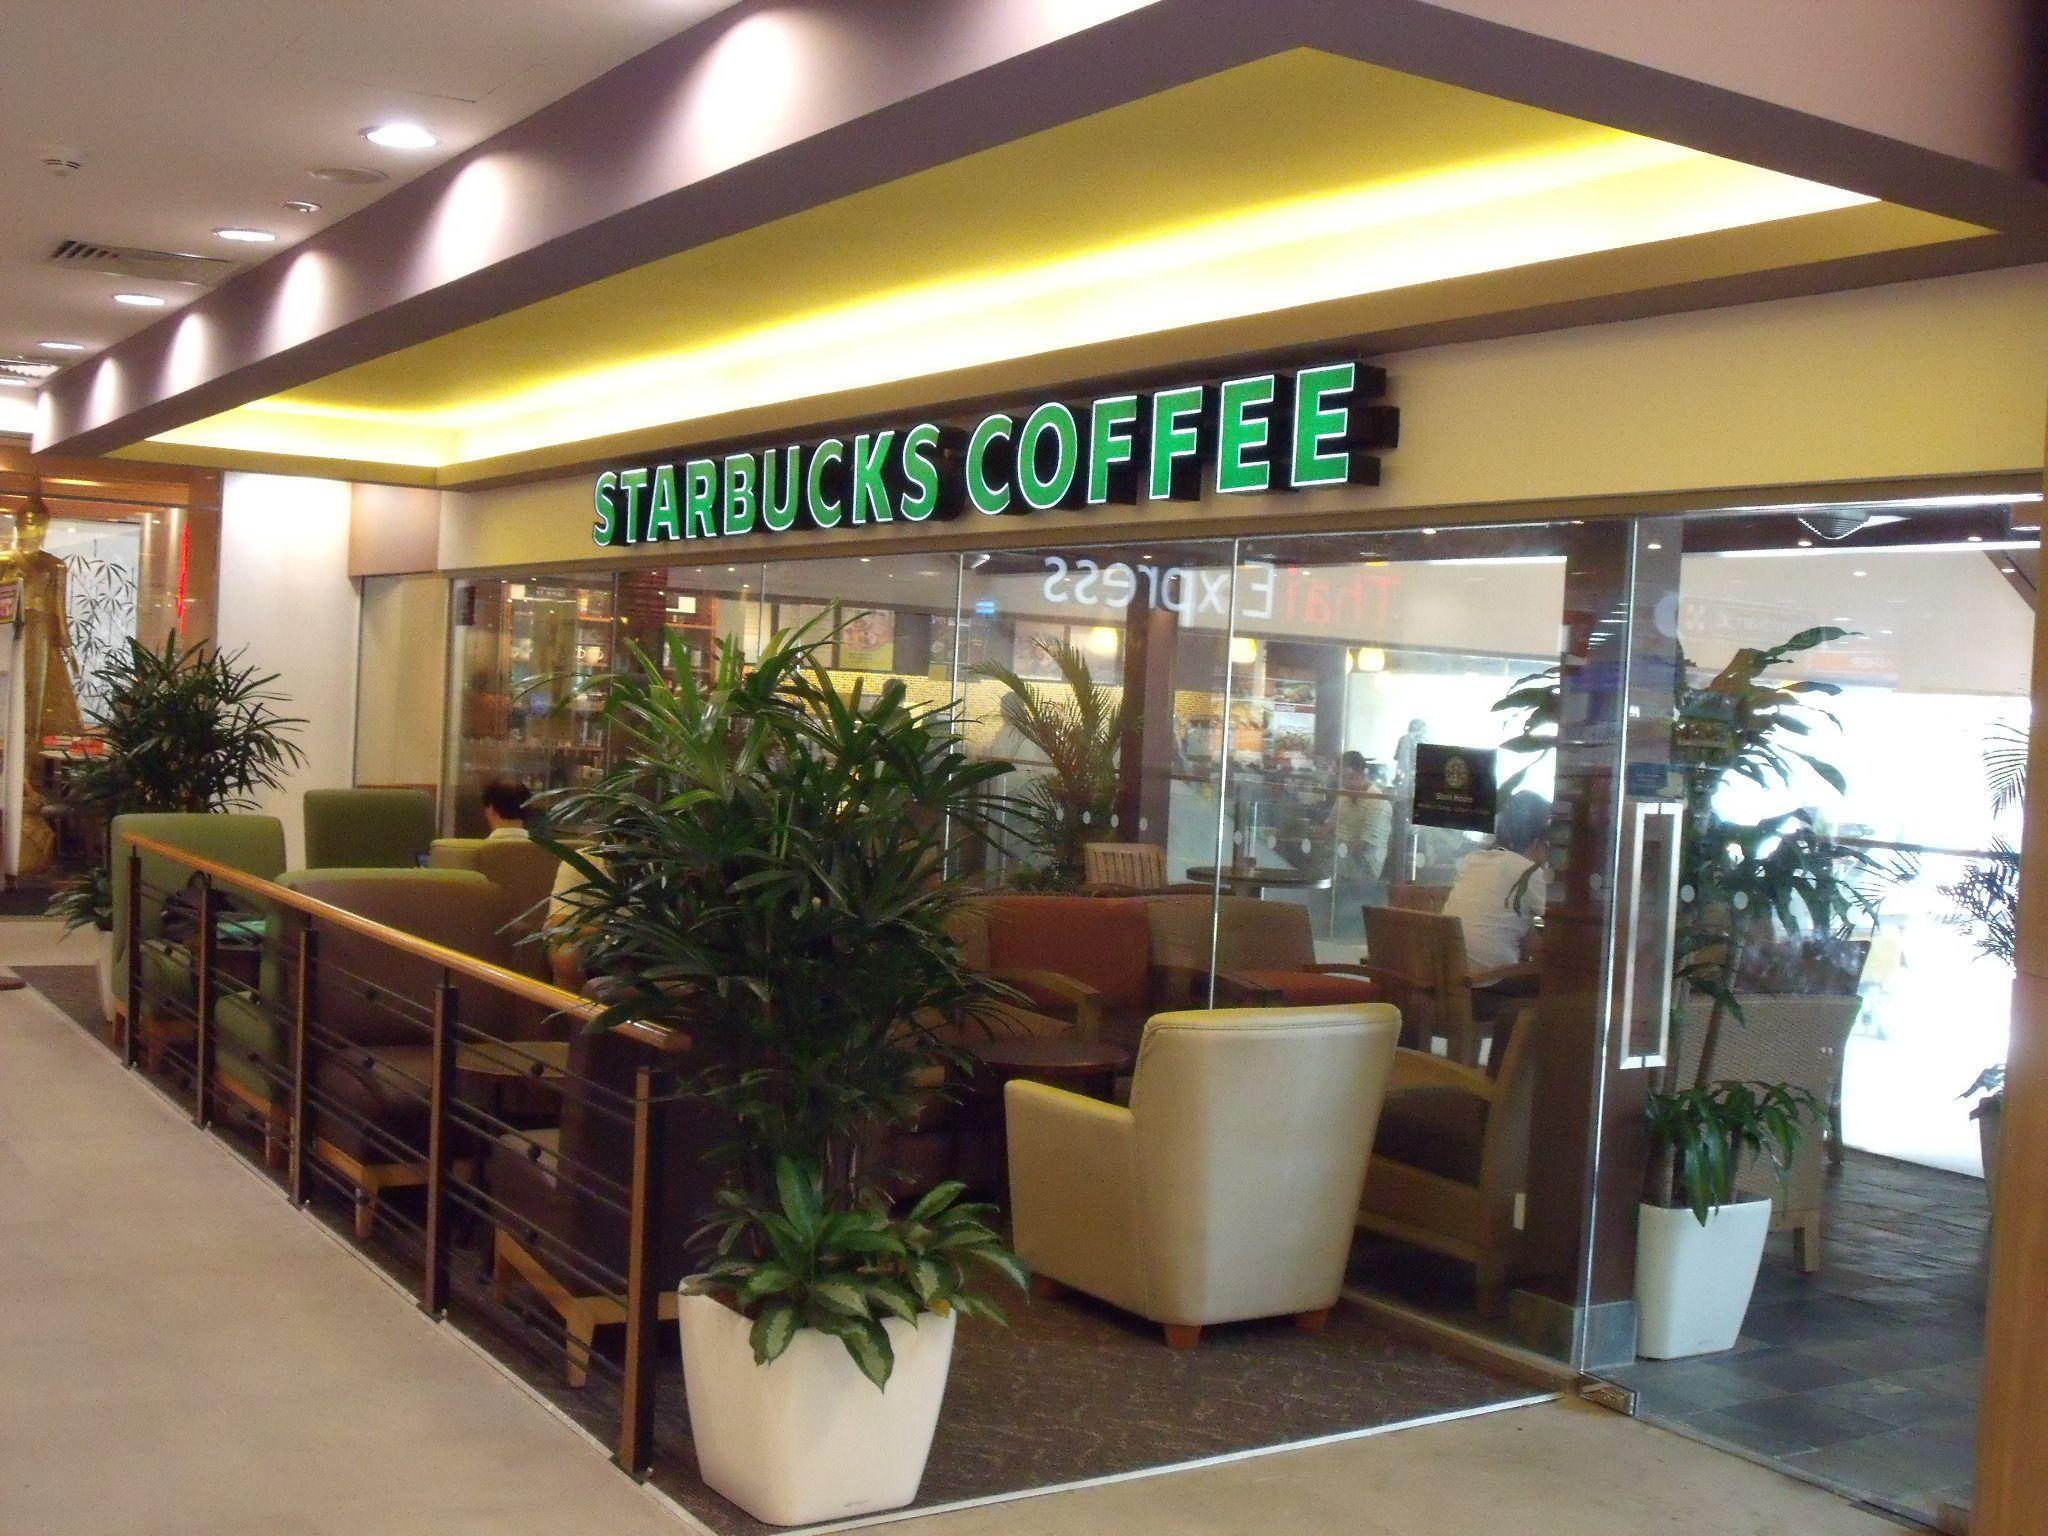 Starbucks At West Coast Plaza Singapore Coffee Prices Green Mountain Coffee Starbucks